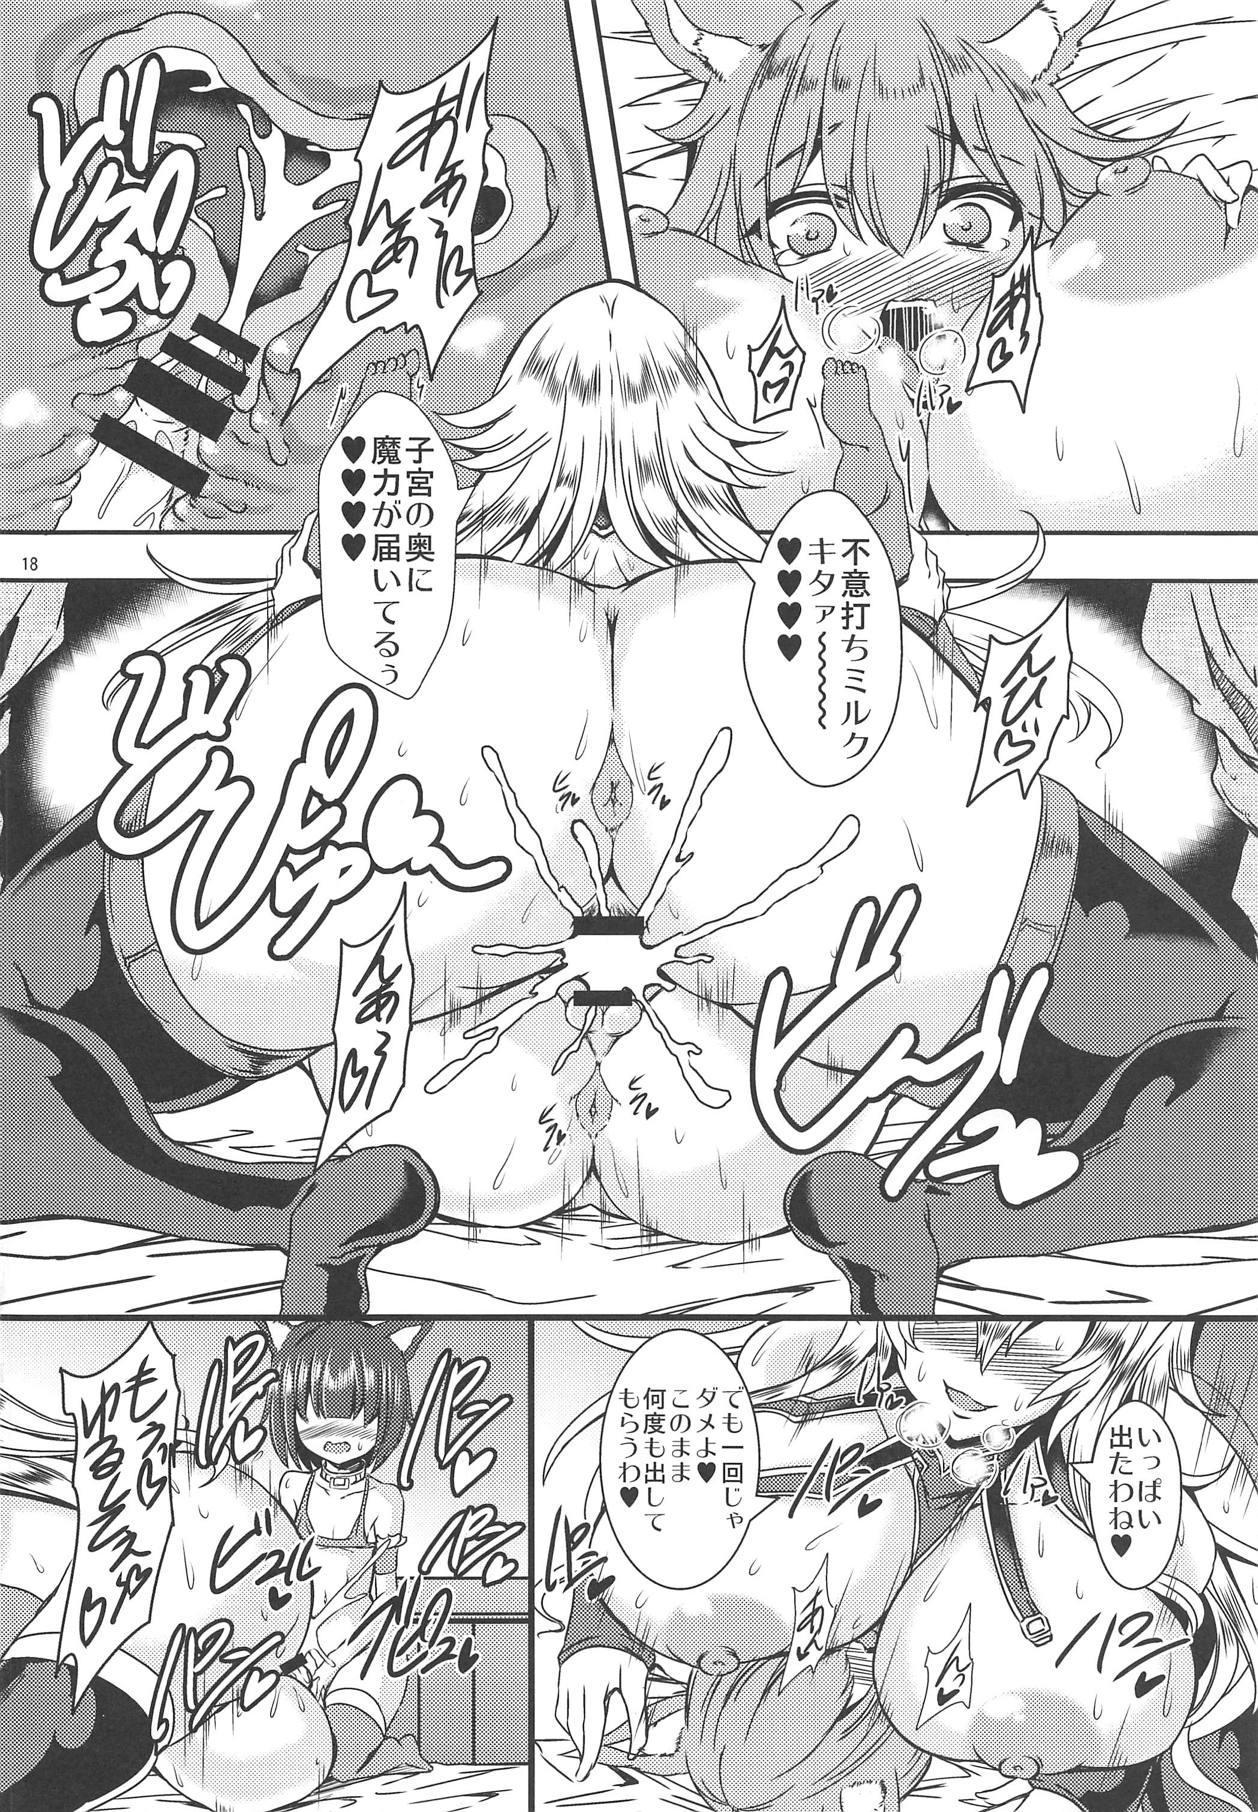 Magisa no Shiru Atsume 16